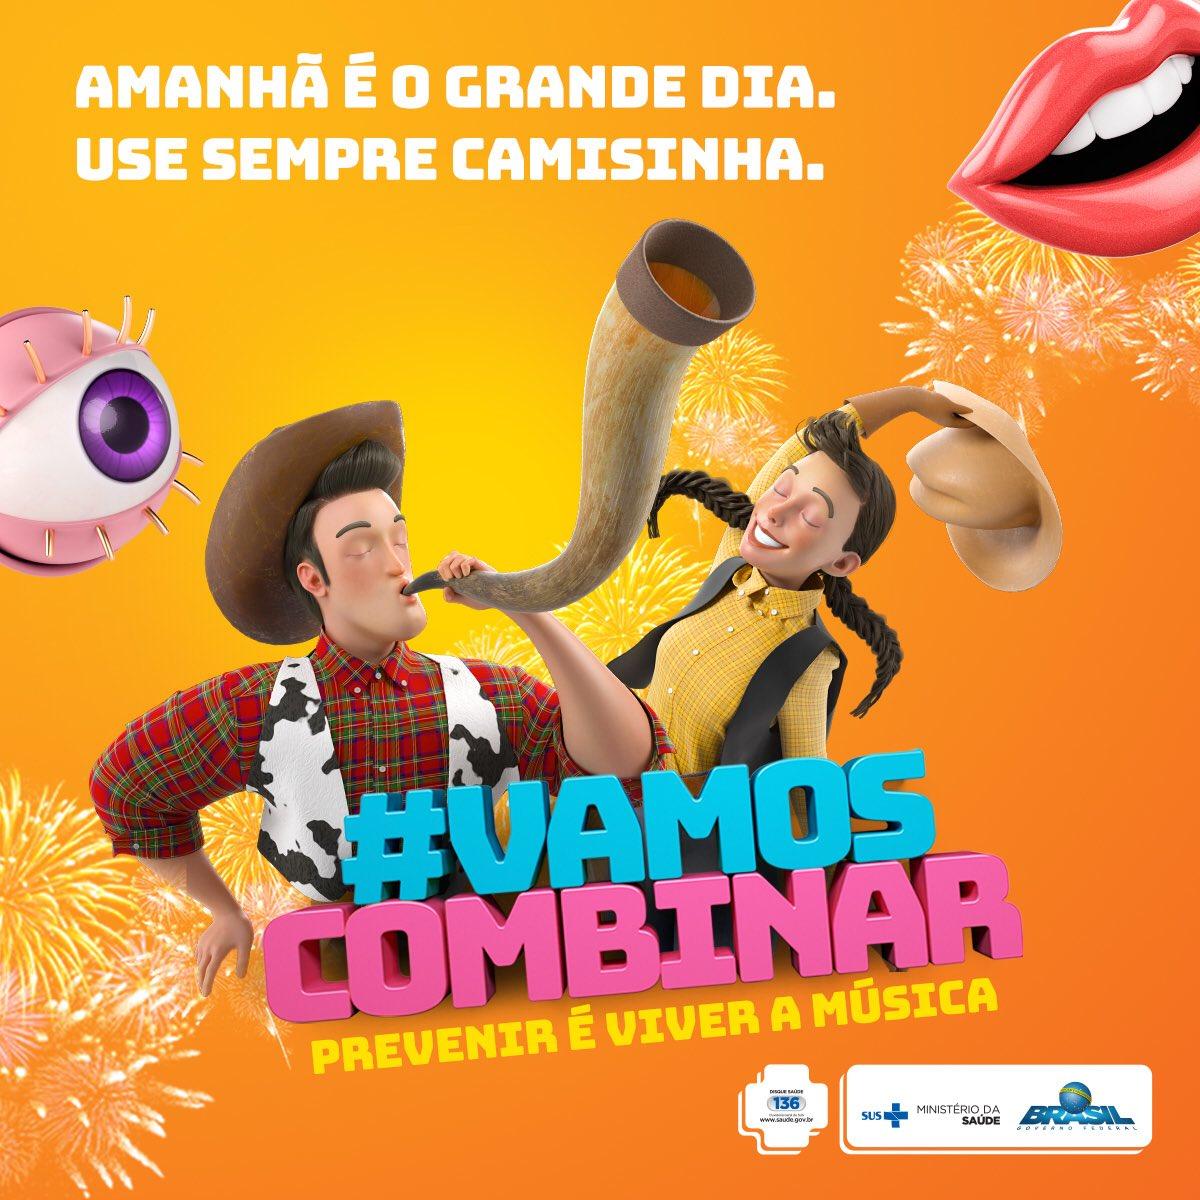 Amanhã começa a maior festa de peão de Ribeirão. Não se esqueça da proteção. #VamosCombinar? #UseCamisinha #RRM2018